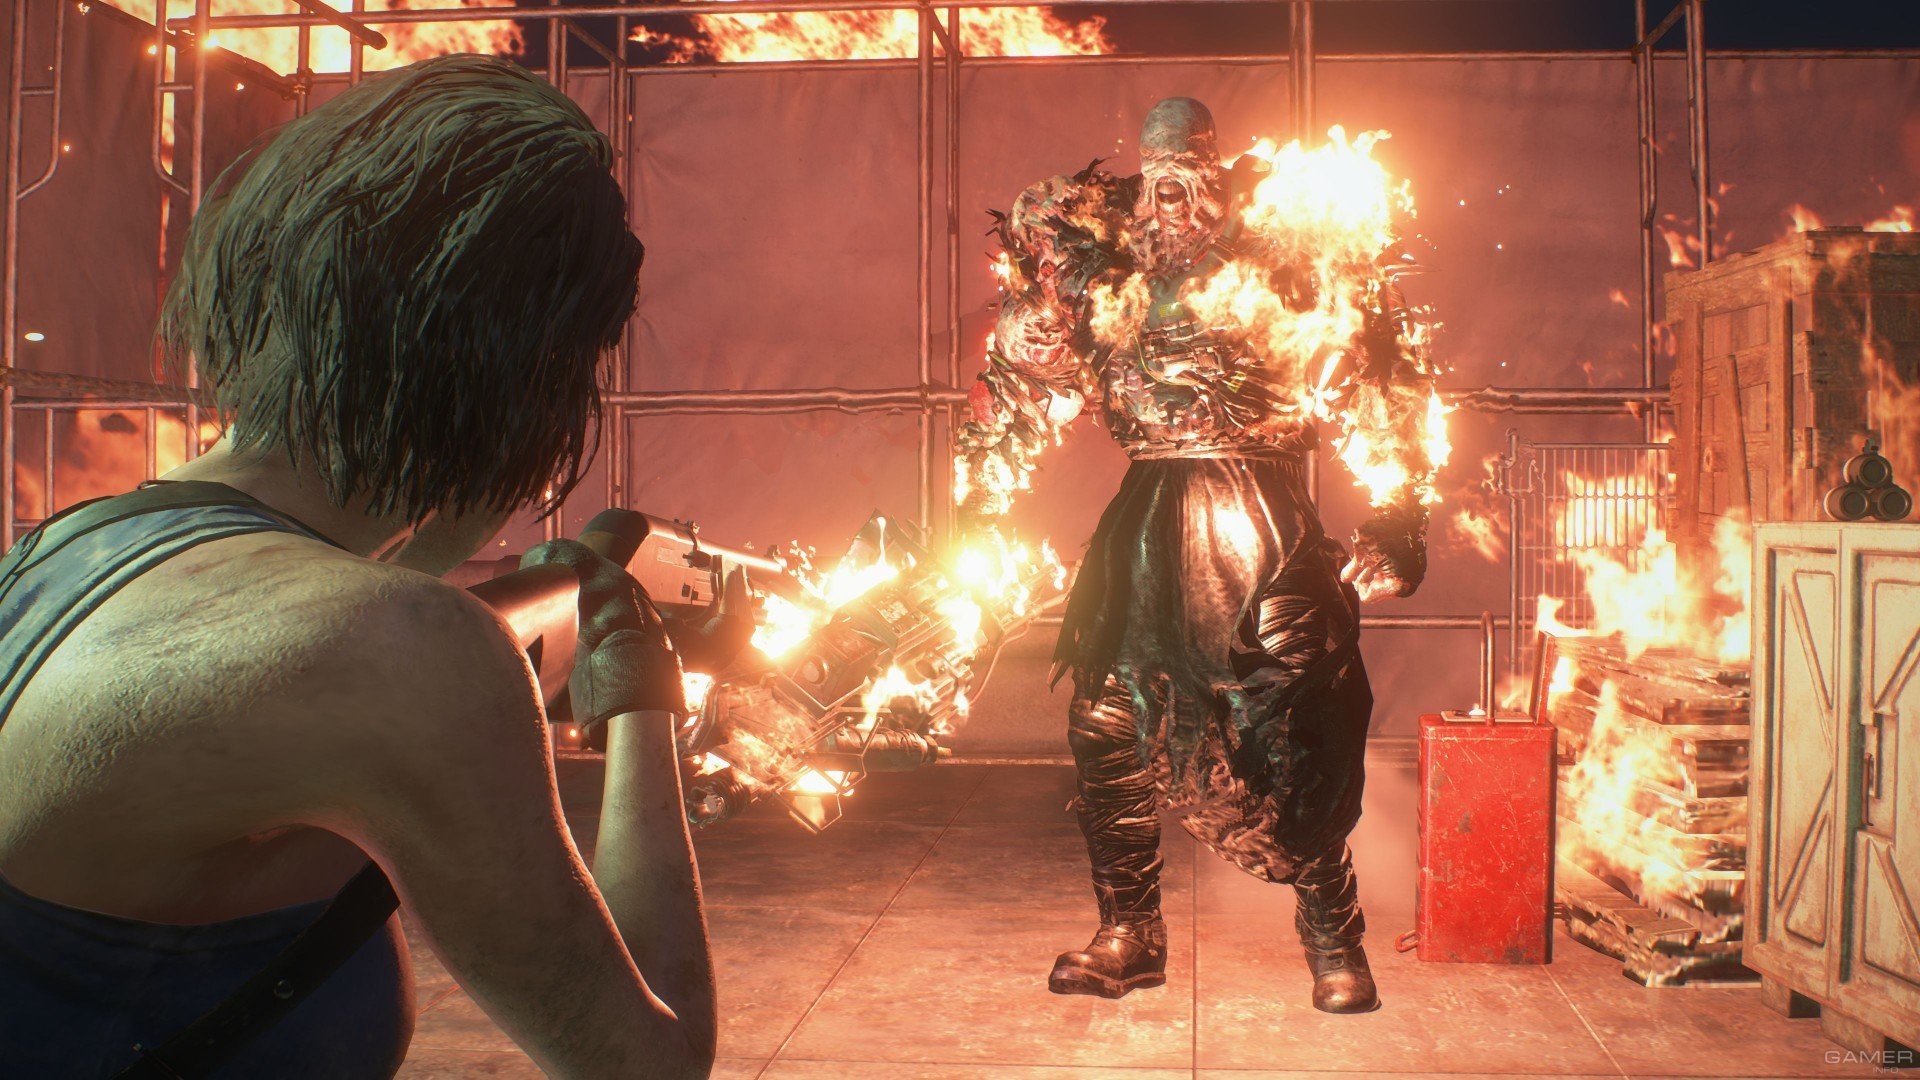 Ремейк Resident Evil 3: свежий геймплей, демоверсия и скриншоты